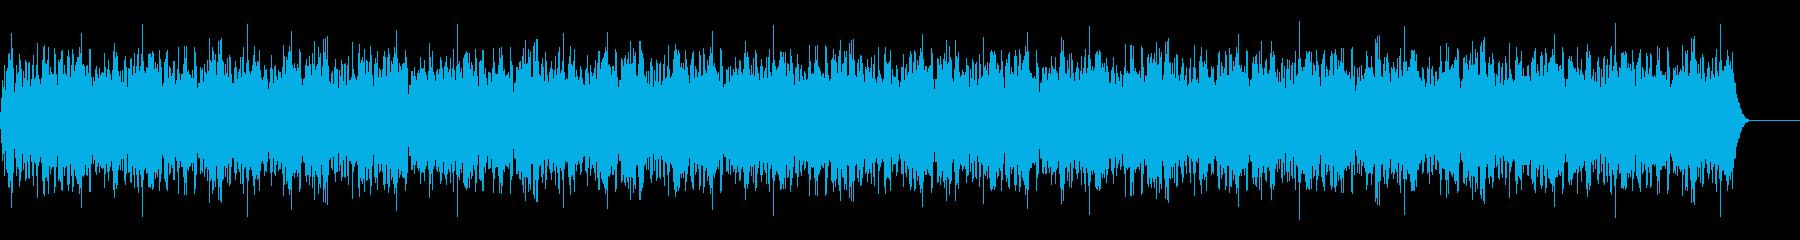 機械稼働音5の再生済みの波形